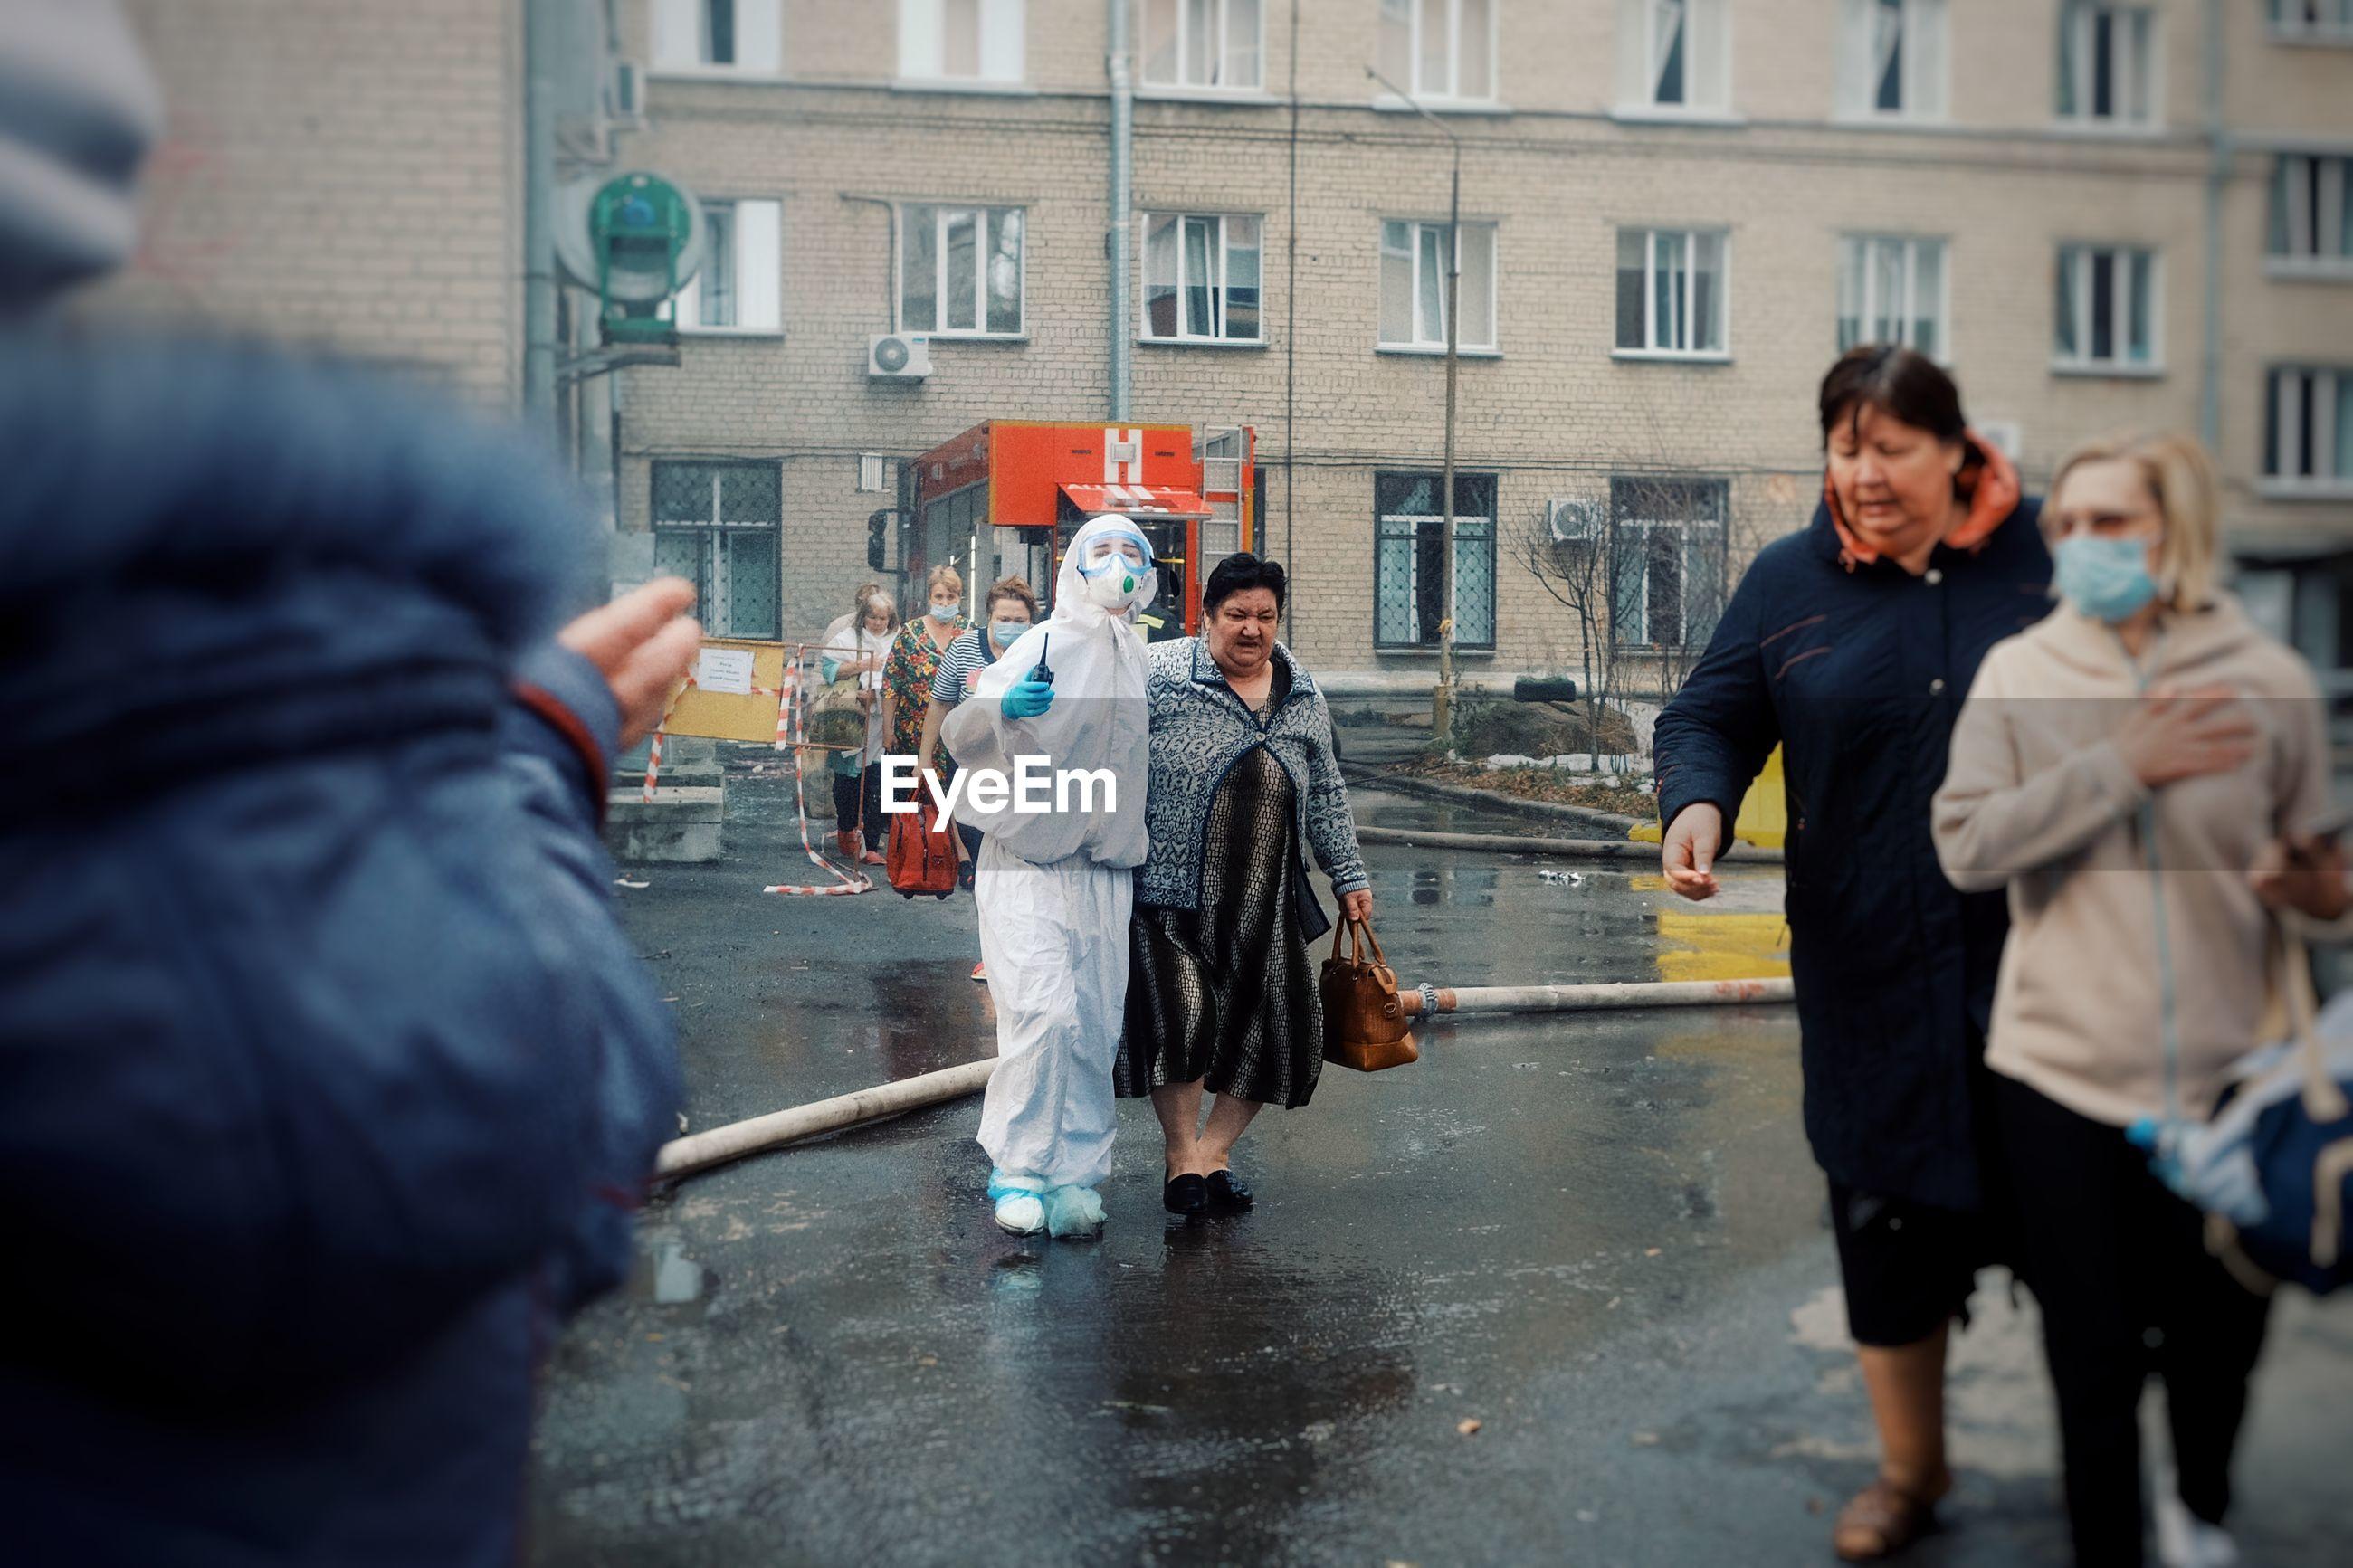 PEOPLE ON WET STREET IN RAIN